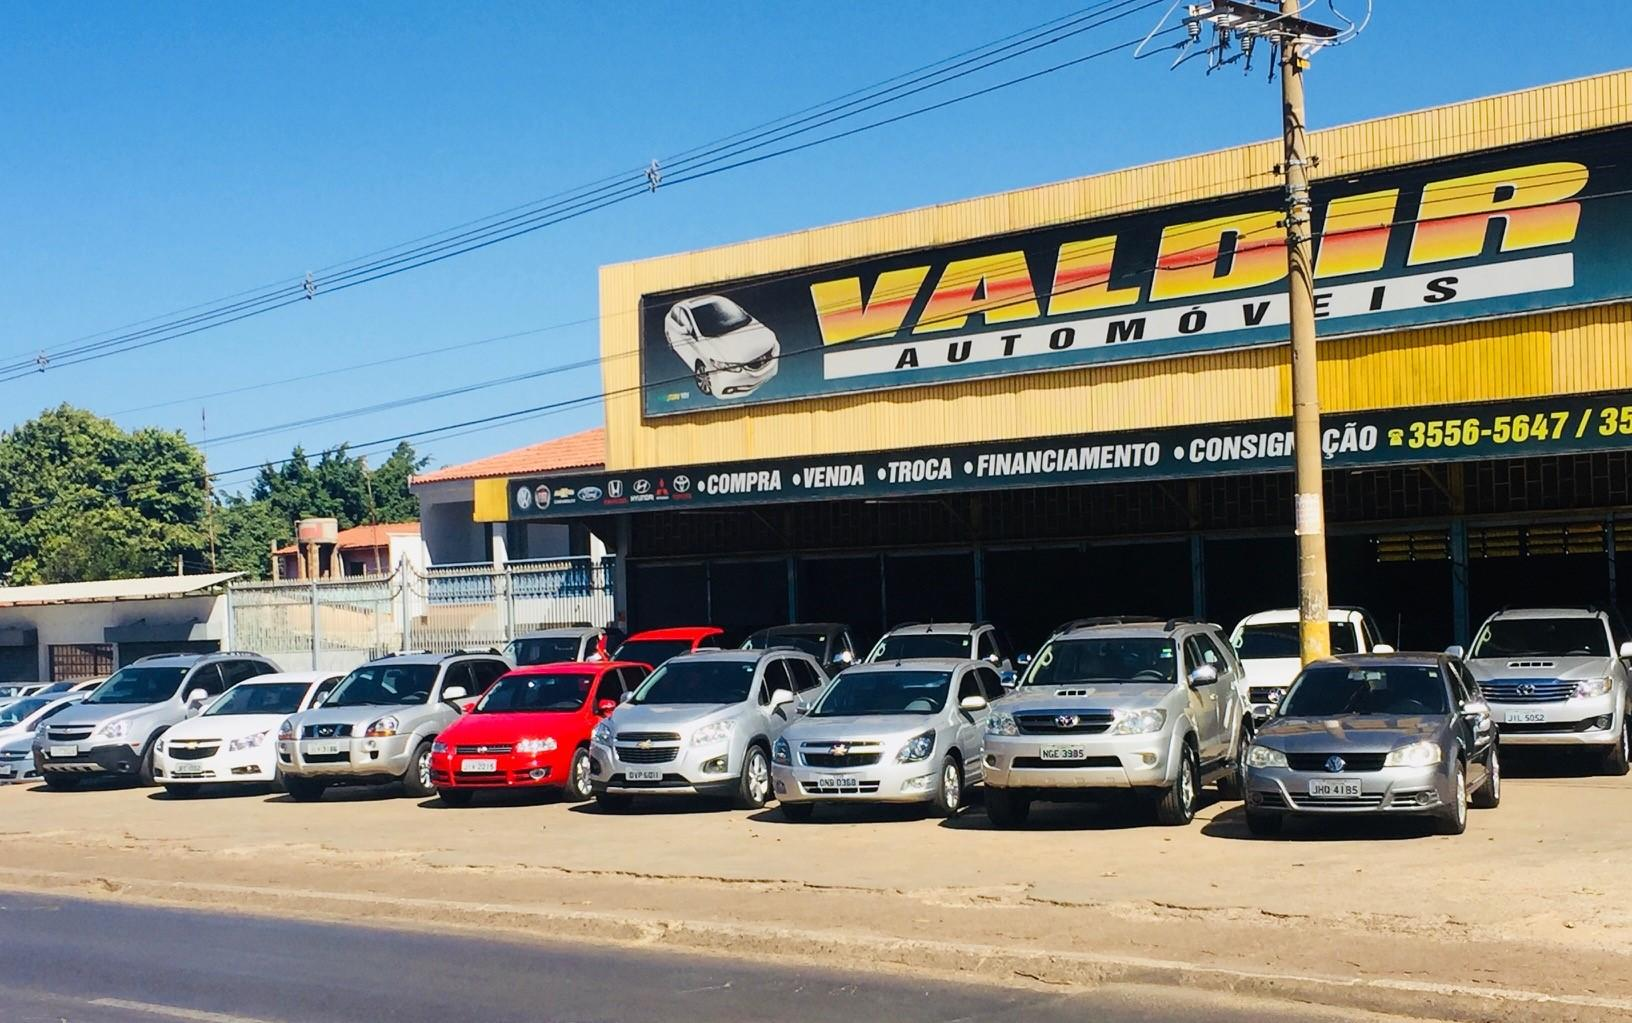 Valdir Automóveis